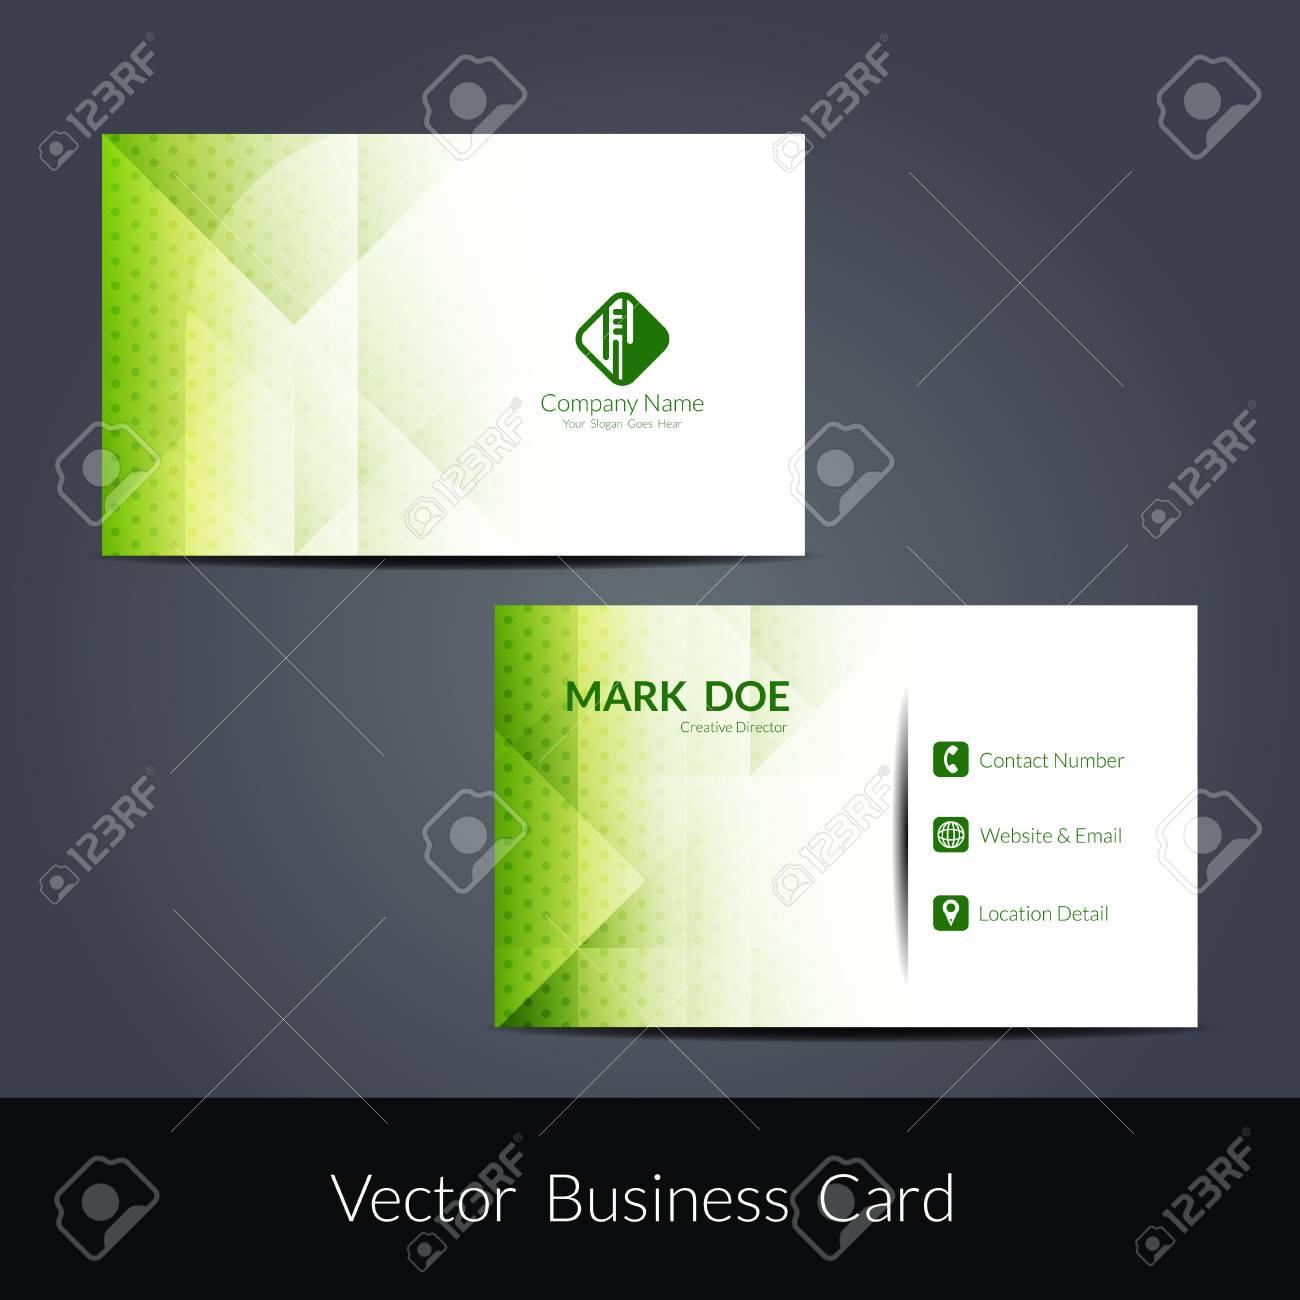 Presentation of visiting card design - 58916969